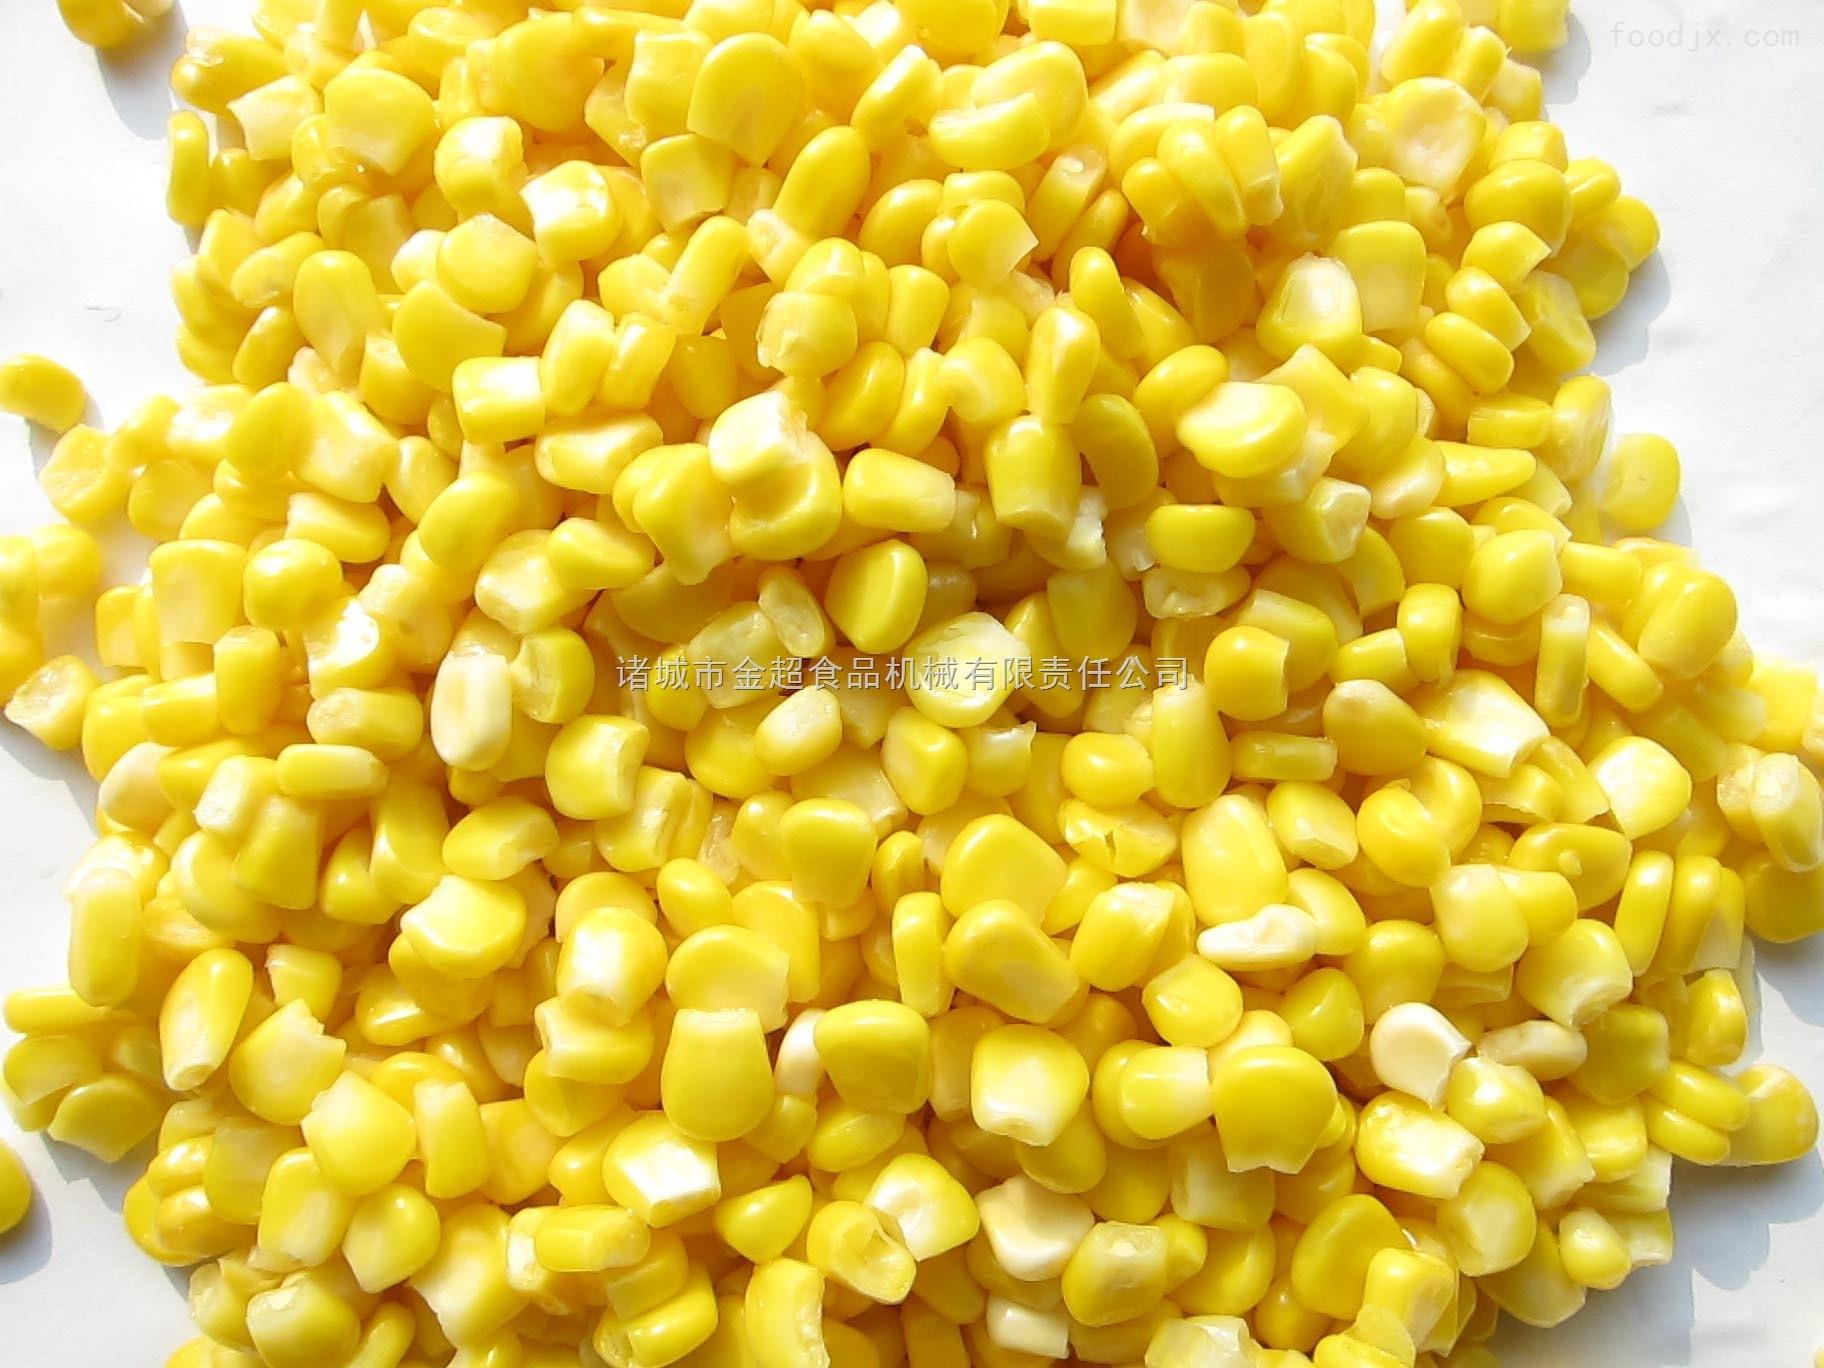 厂家直销玉米粒连续式蒸煮冷却机